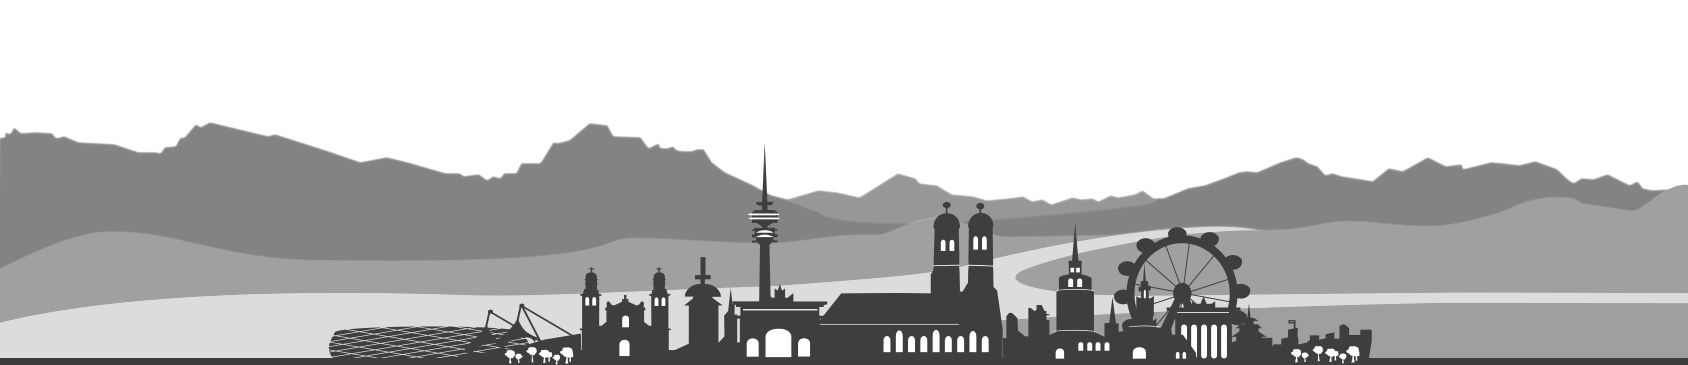 Banneransicht Skyline München PVF